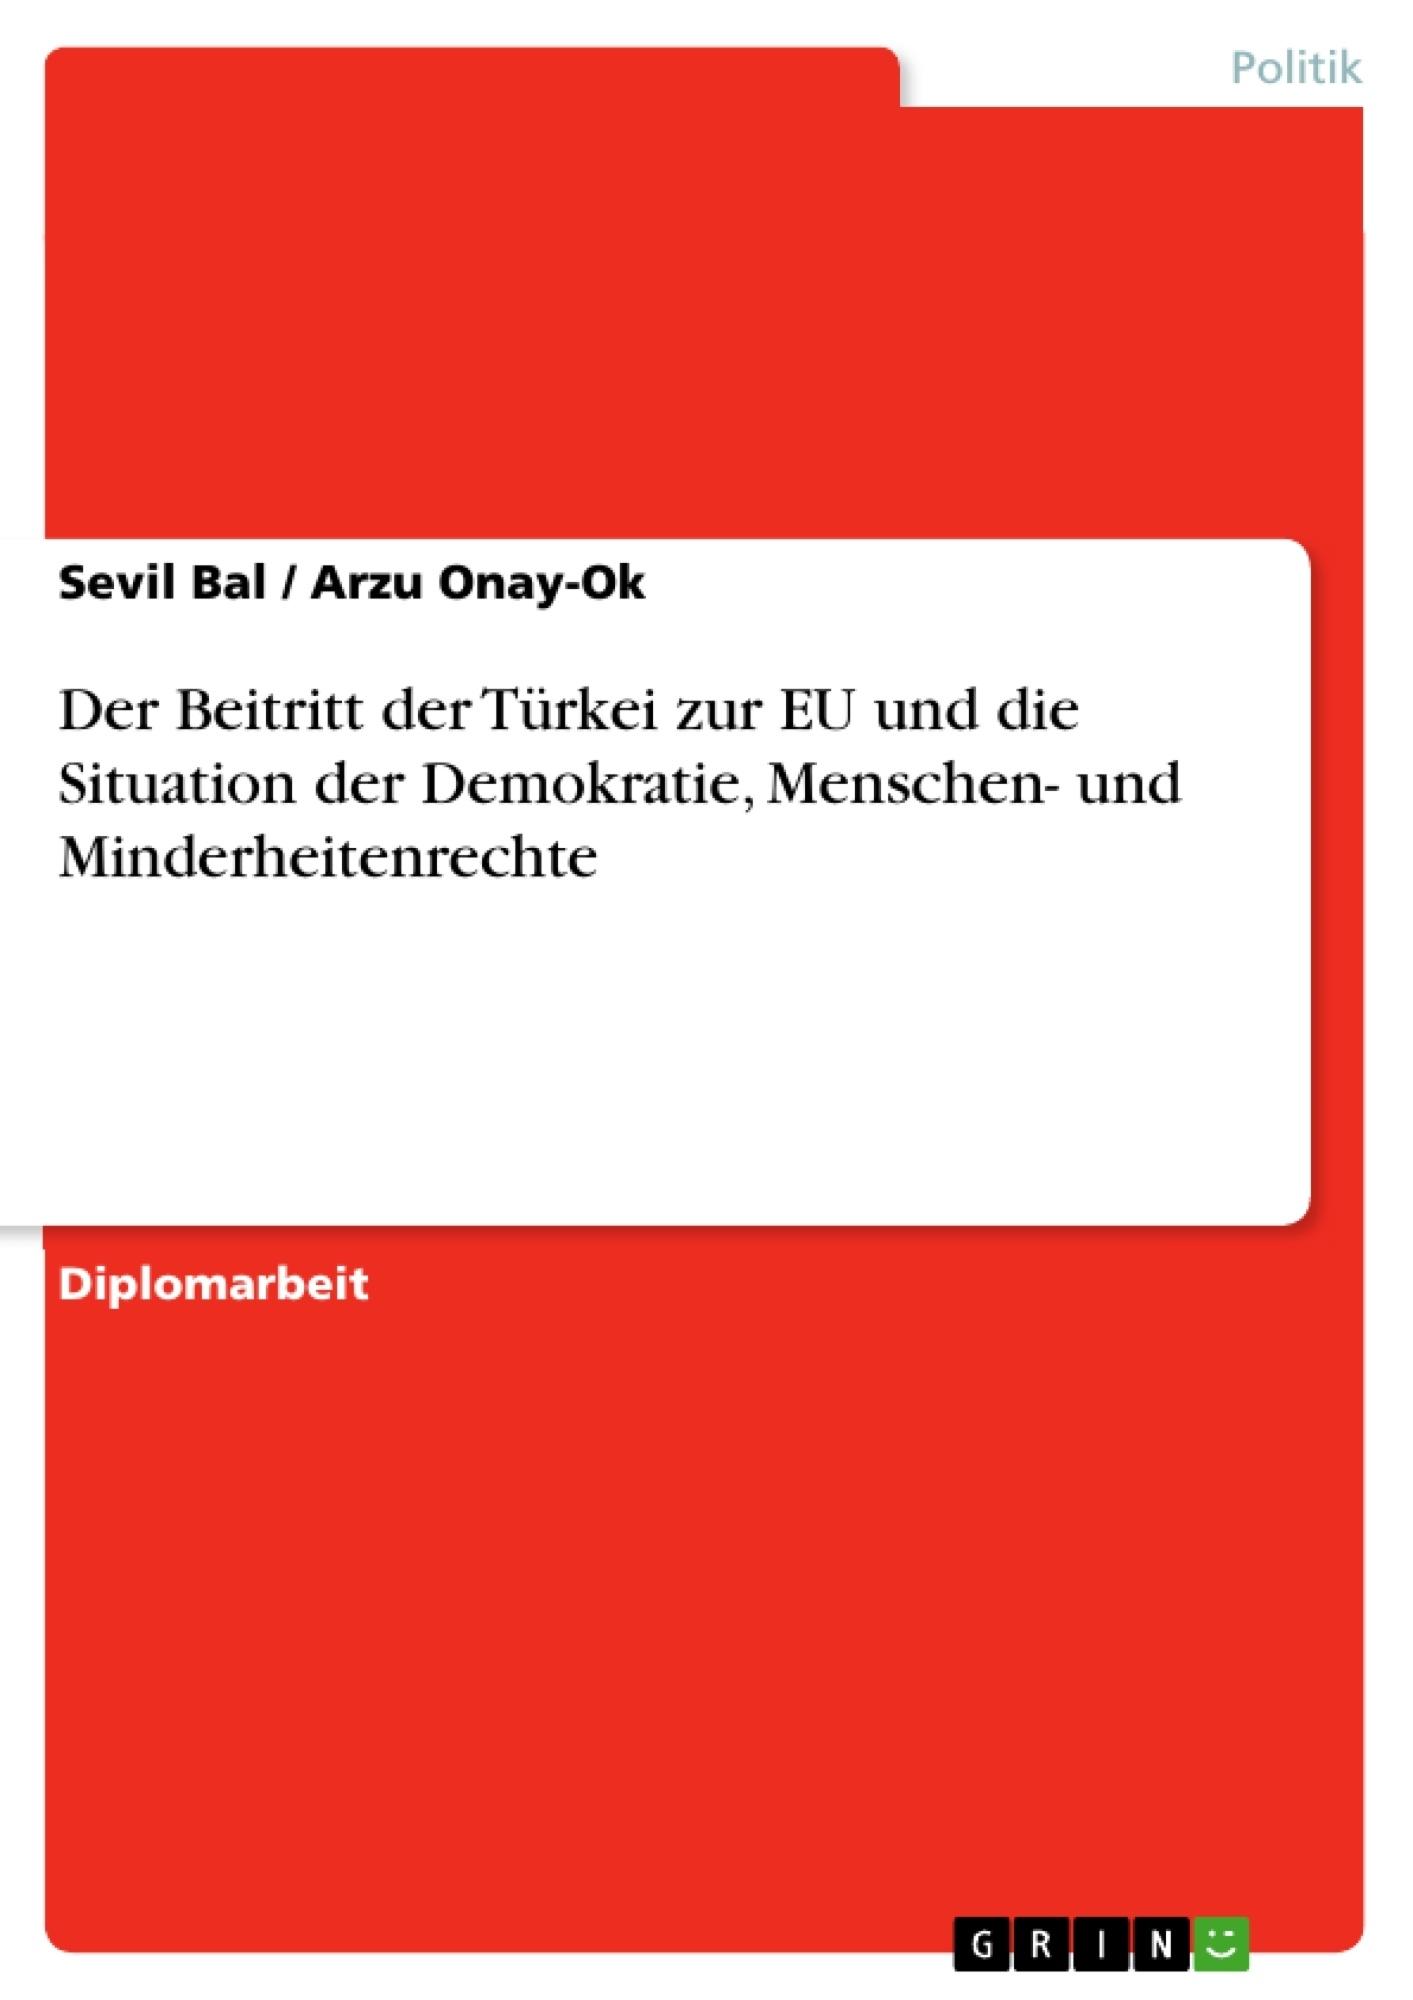 Titel: Der Beitritt der Türkei zur EU und die Situation der Demokratie, Menschen- und Minderheitenrechte